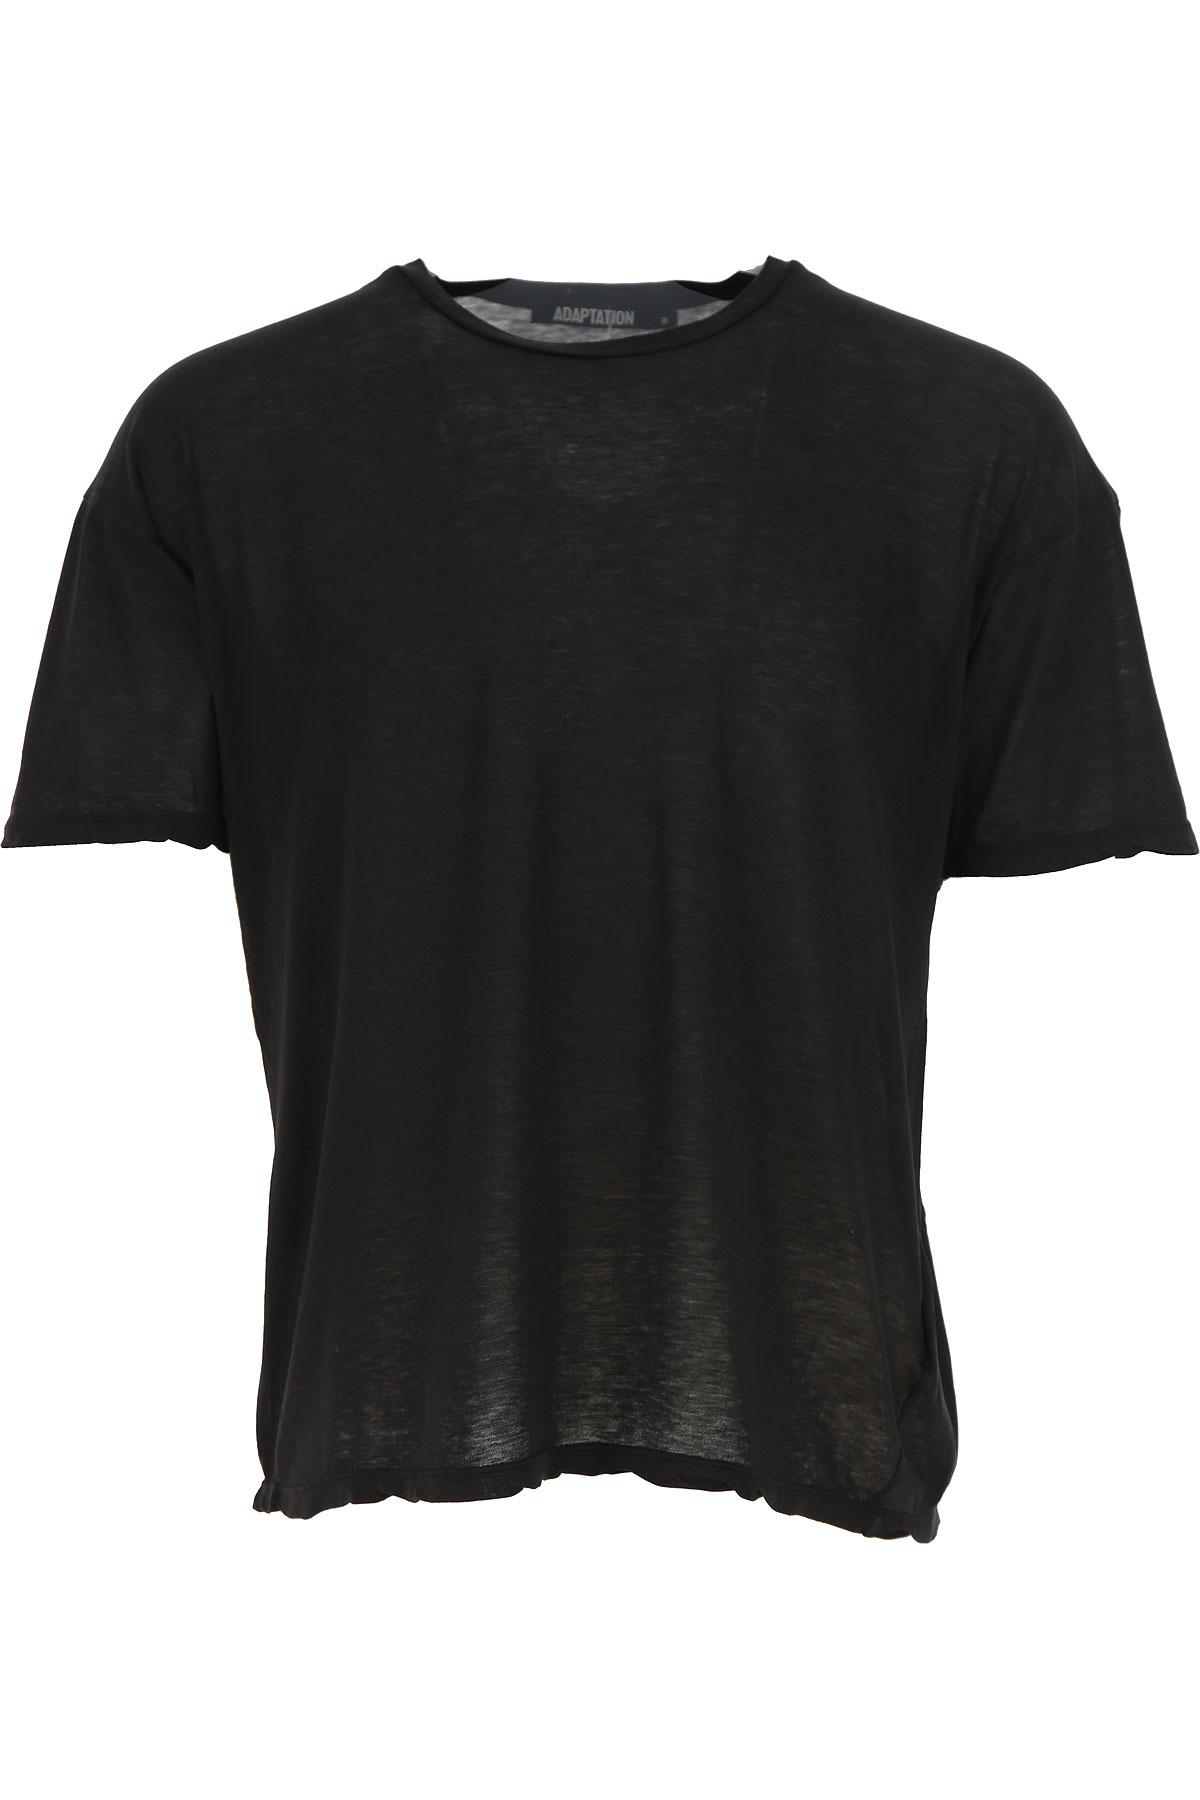 Image of Adaptation T-Shirt for Men, Black, Cotton, 2017, L M S XS